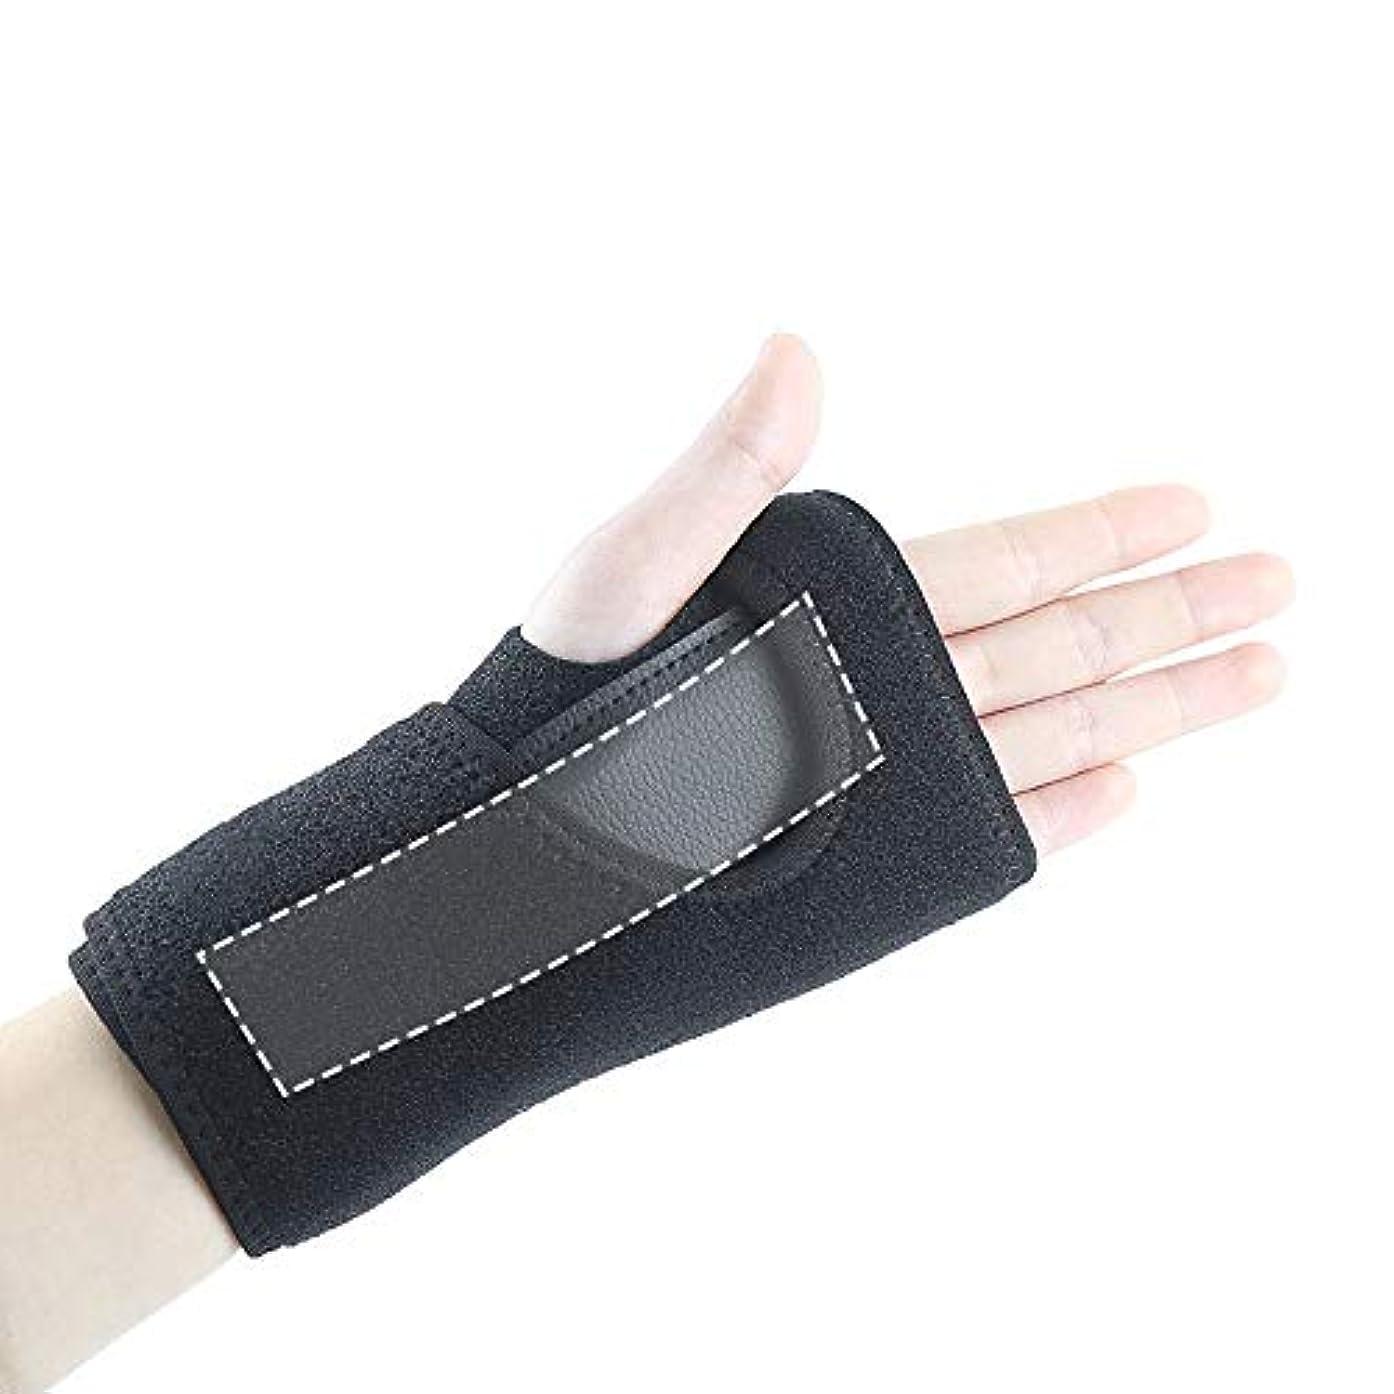 争い手錠狂信者ZYL-YL スポーツリストバンド捻挫手首固定保護具スプリントサポートパームハンドマウスの手のサポートハンドスプリント (Edition : Left)